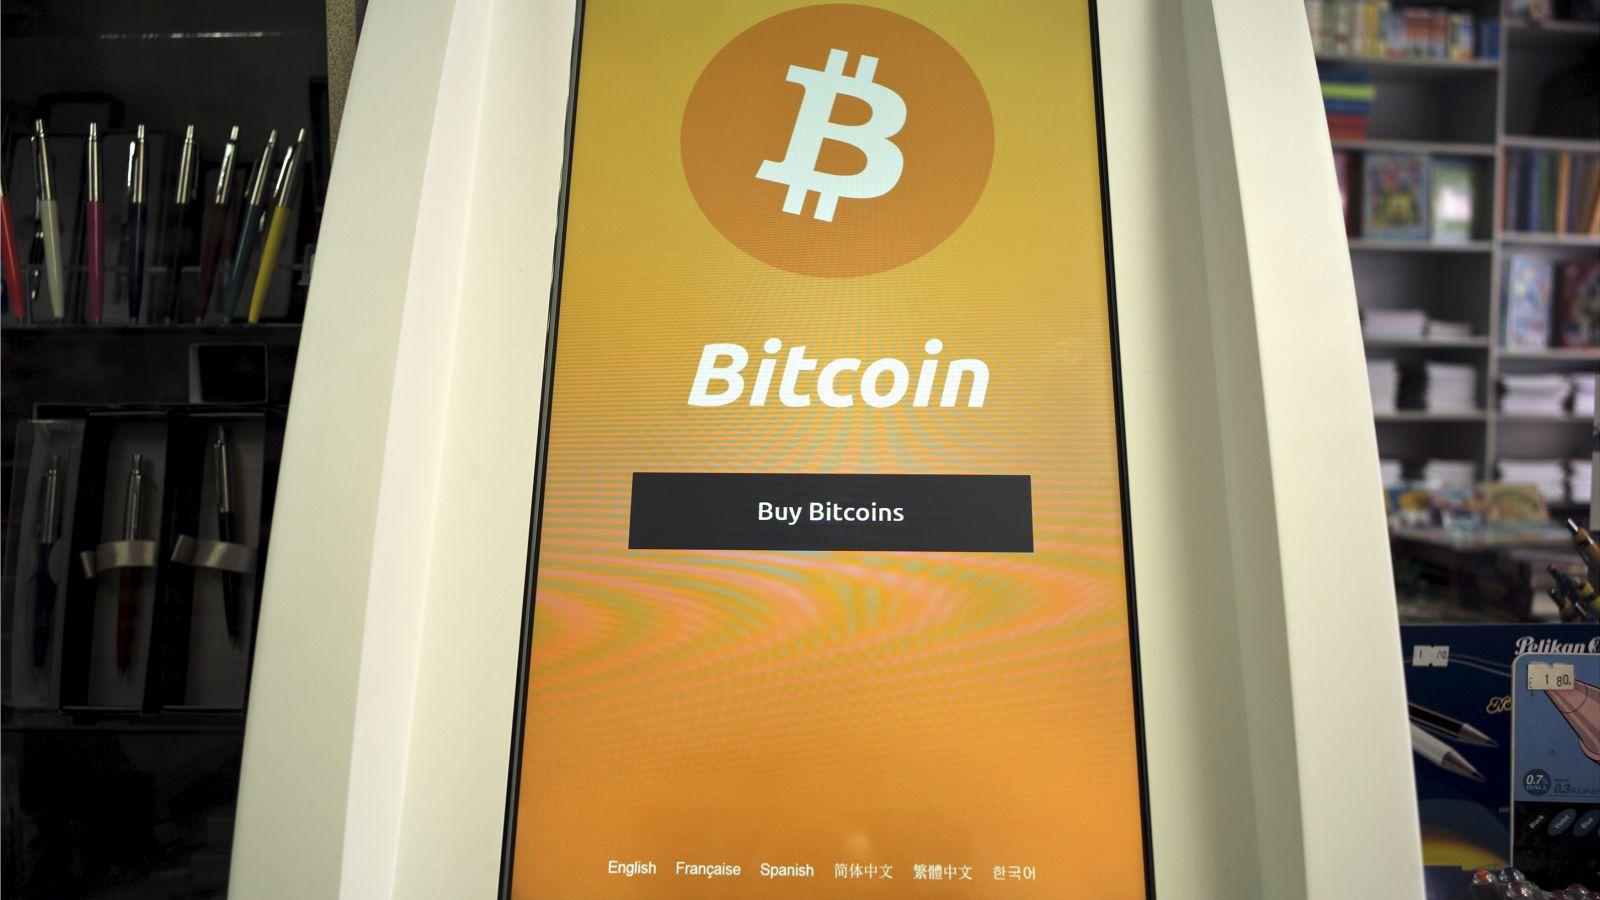 Bitcoin Grafico di tasso di cambio e grafico di previsione di difficoltà 2021 - Bitcoin on air